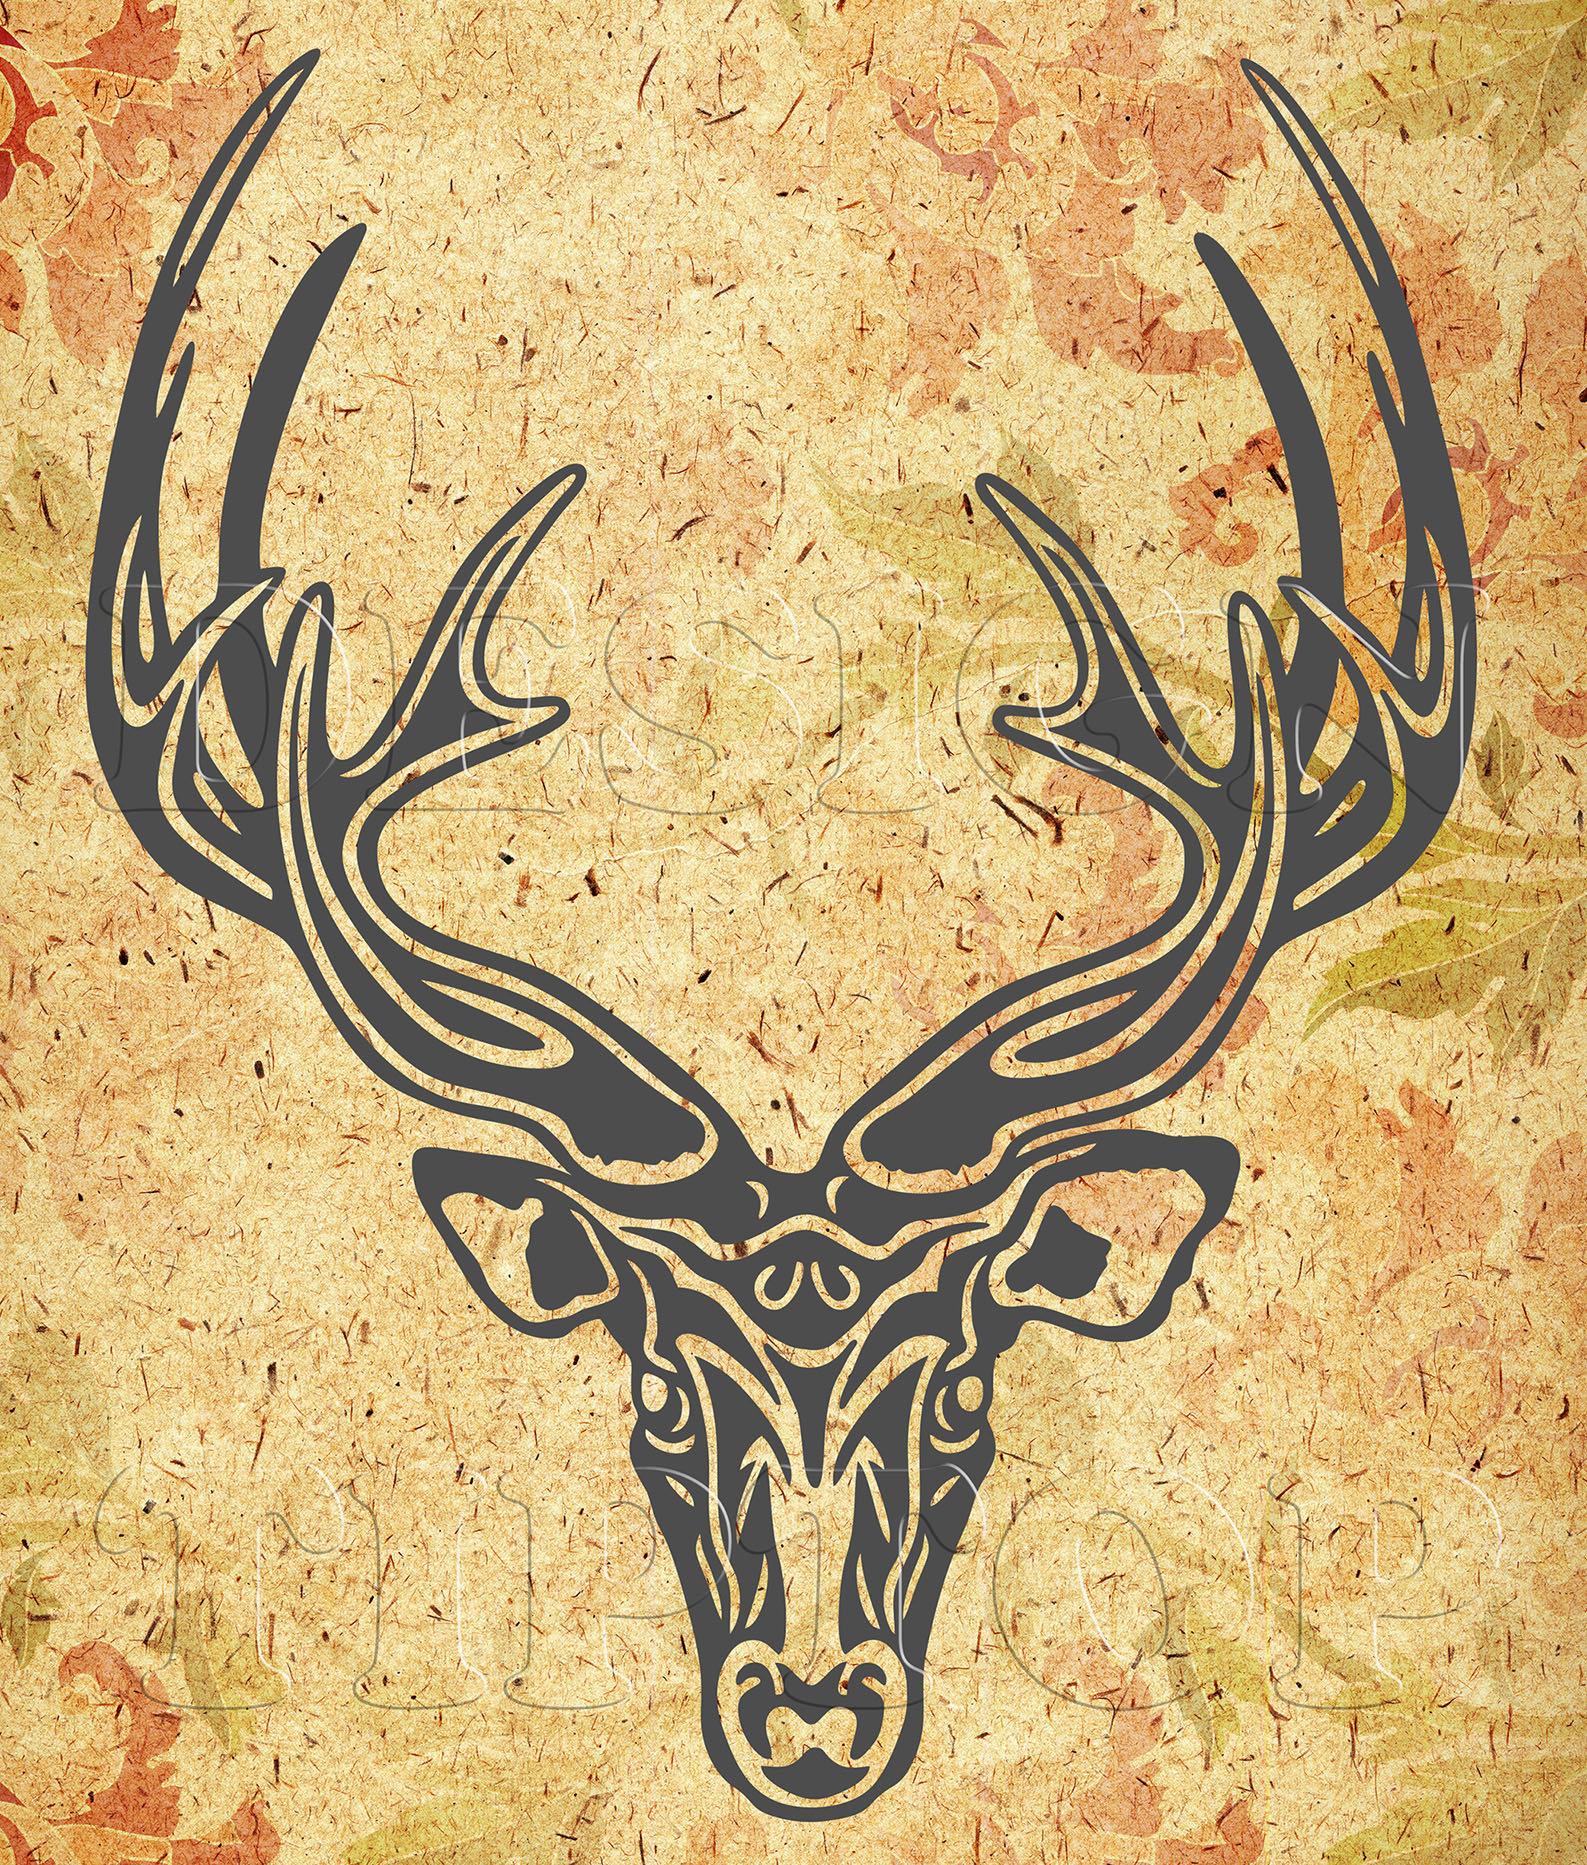 Deer head svg, deer svg, deer face,deer horns, deer dxf files, deer ...